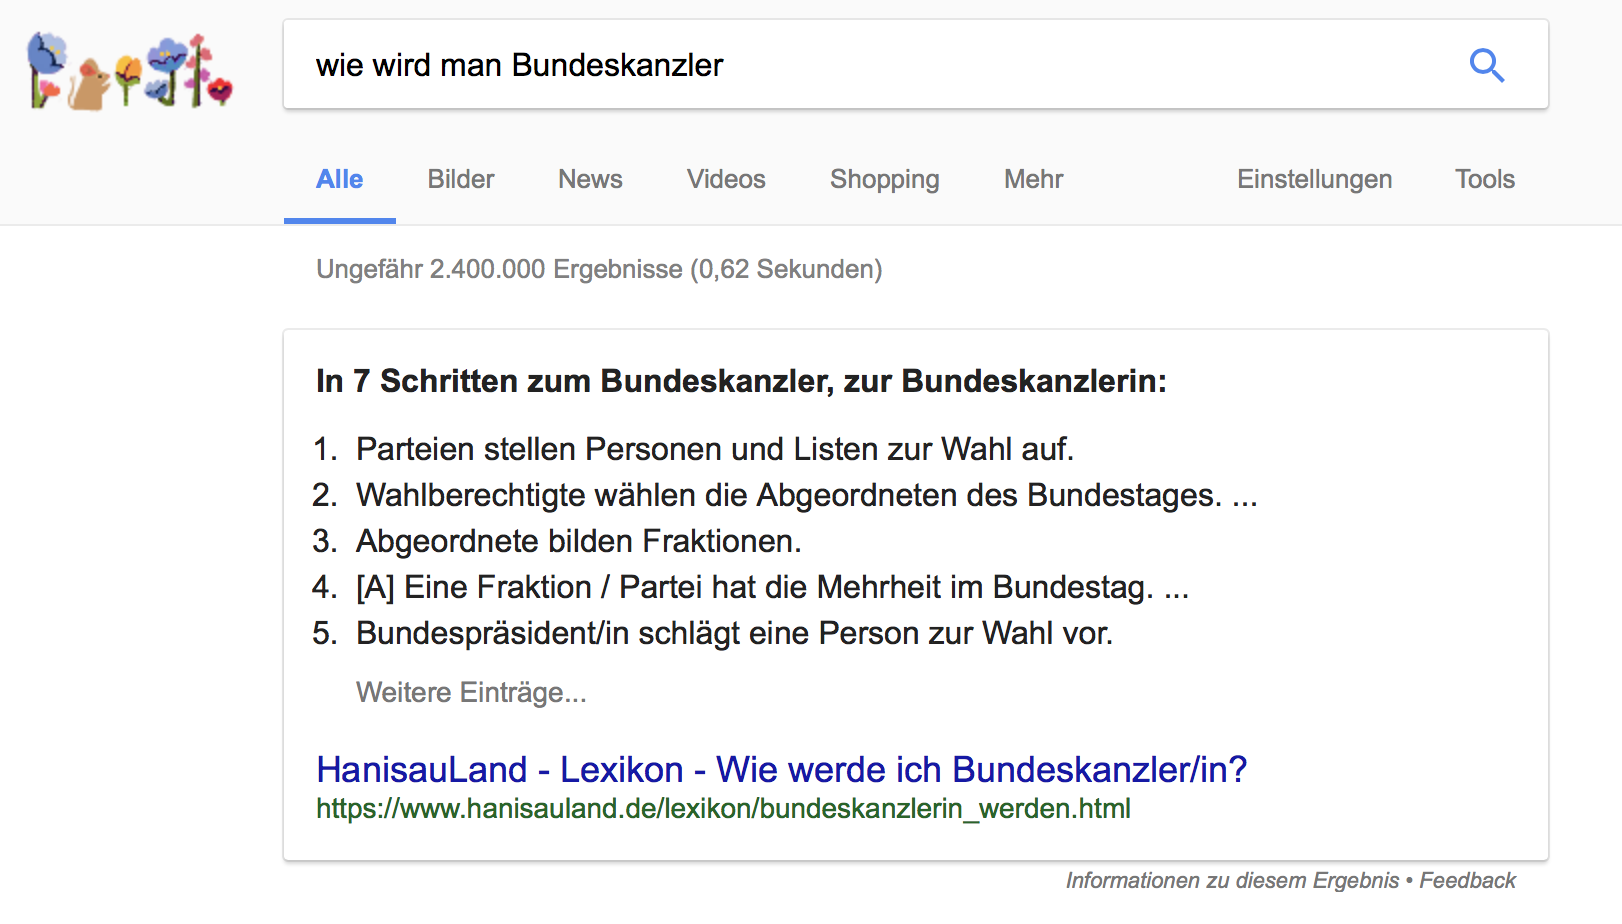 """Liste als Featured Snippet zur Frage """"Wie wird man Bundeskanzler?"""""""